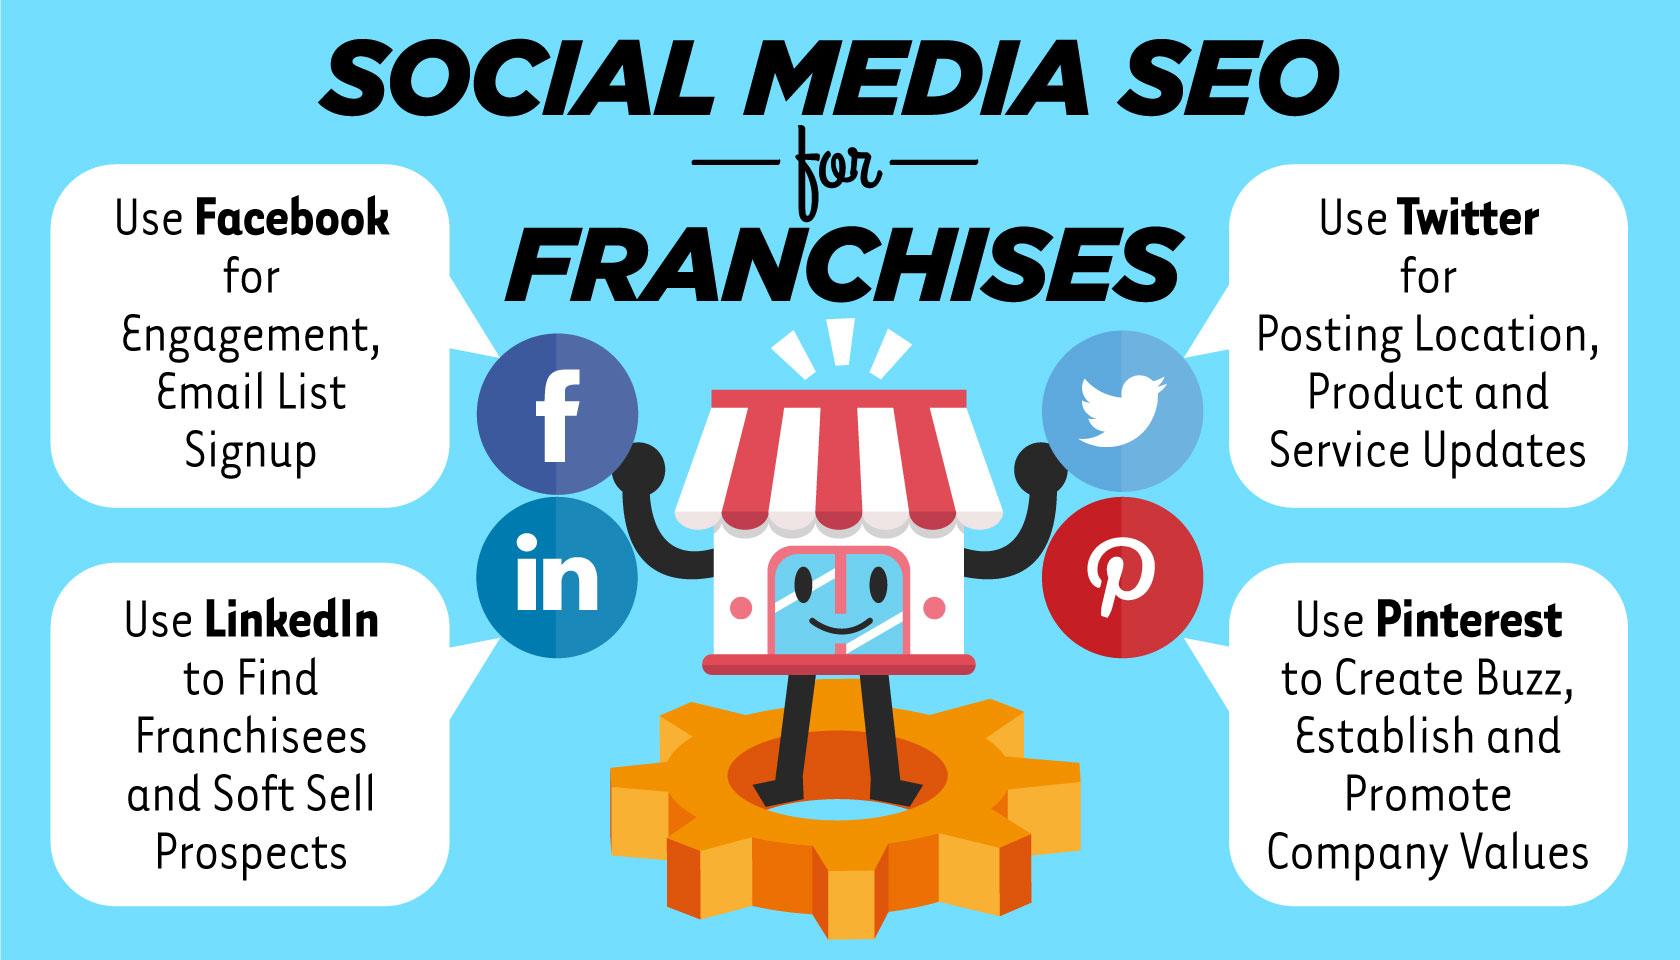 Social Media SEO for Franchises